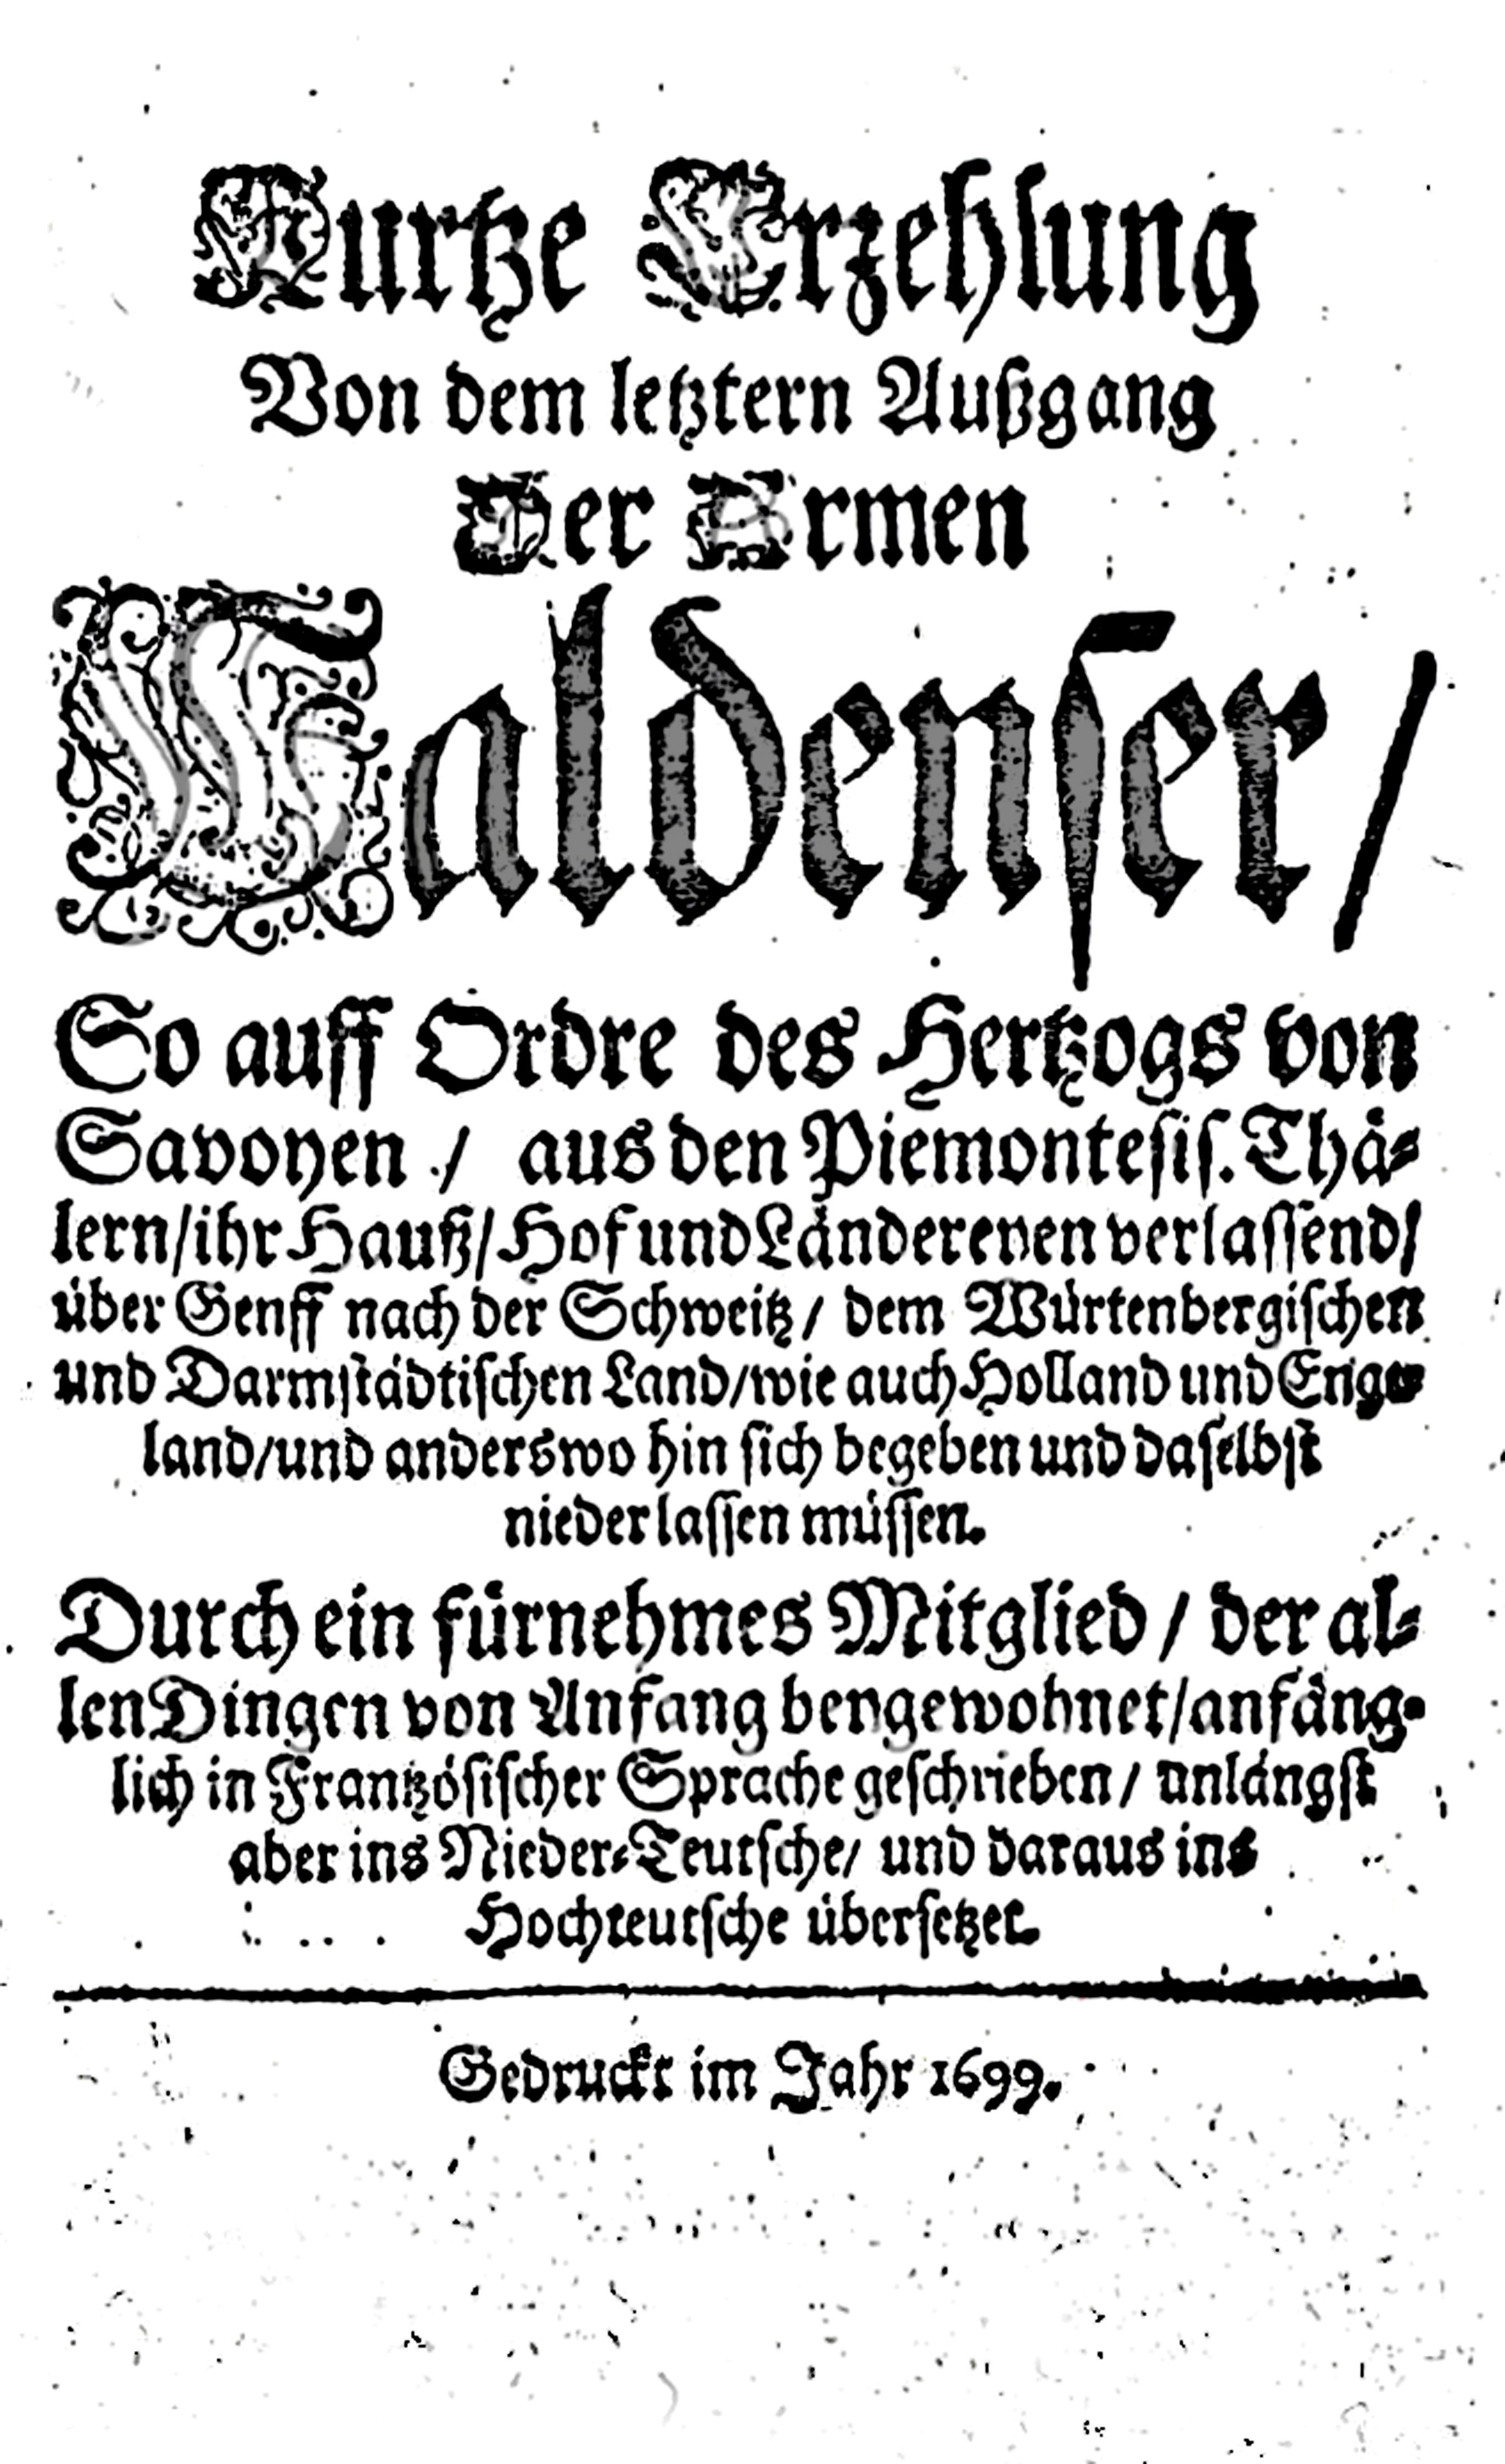 Papons Bericht der Vertreibung 1699, Bildquelle: Mit freundlicher Genehmigung des Henri-Arnaud-Hauses Ötisheim-Schönenberg.